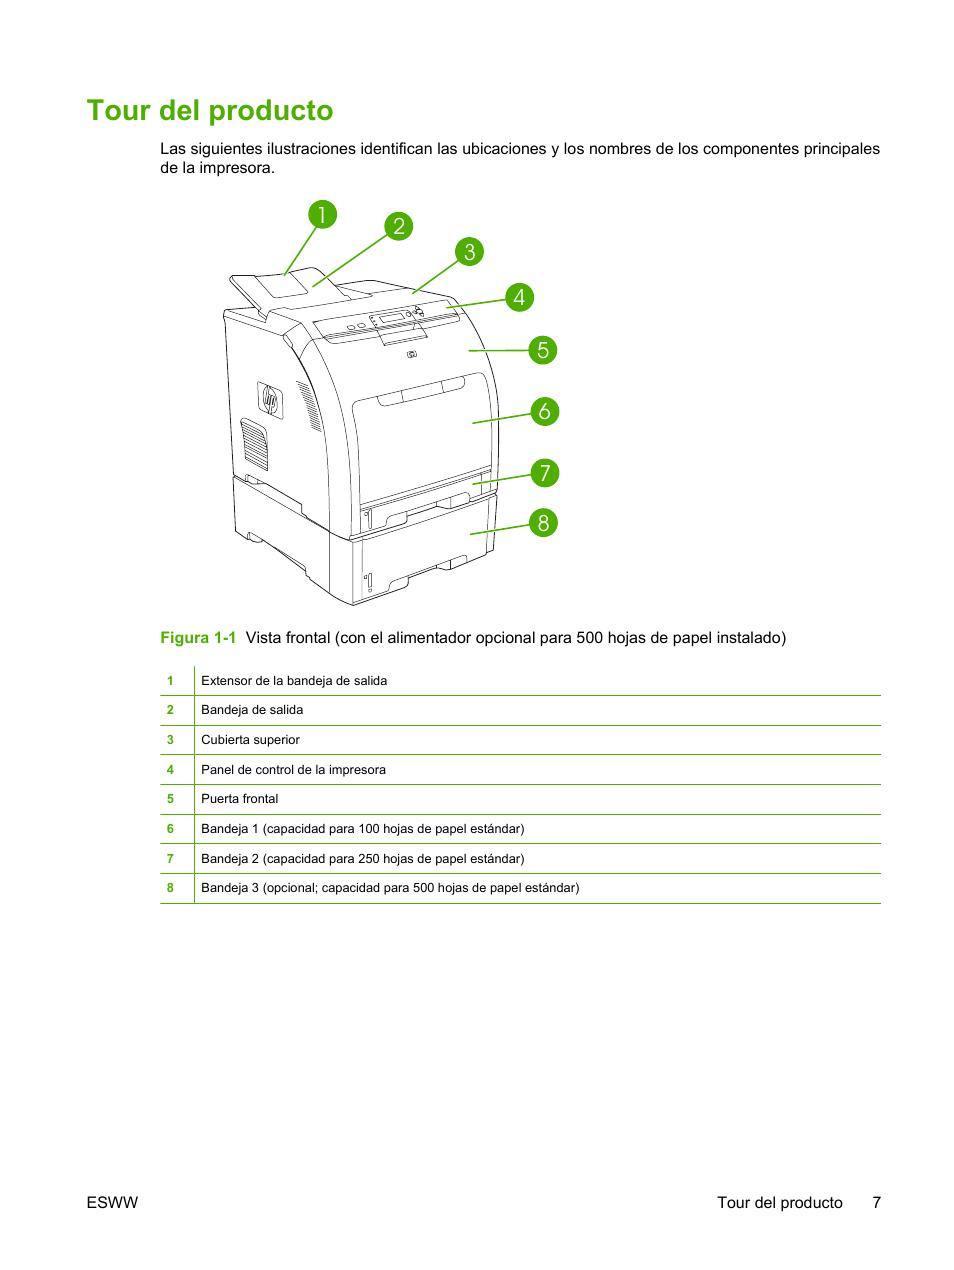 Tour del producto | HP Impresora HP Color LaserJet serie 3600 Manual del  usuario | Página